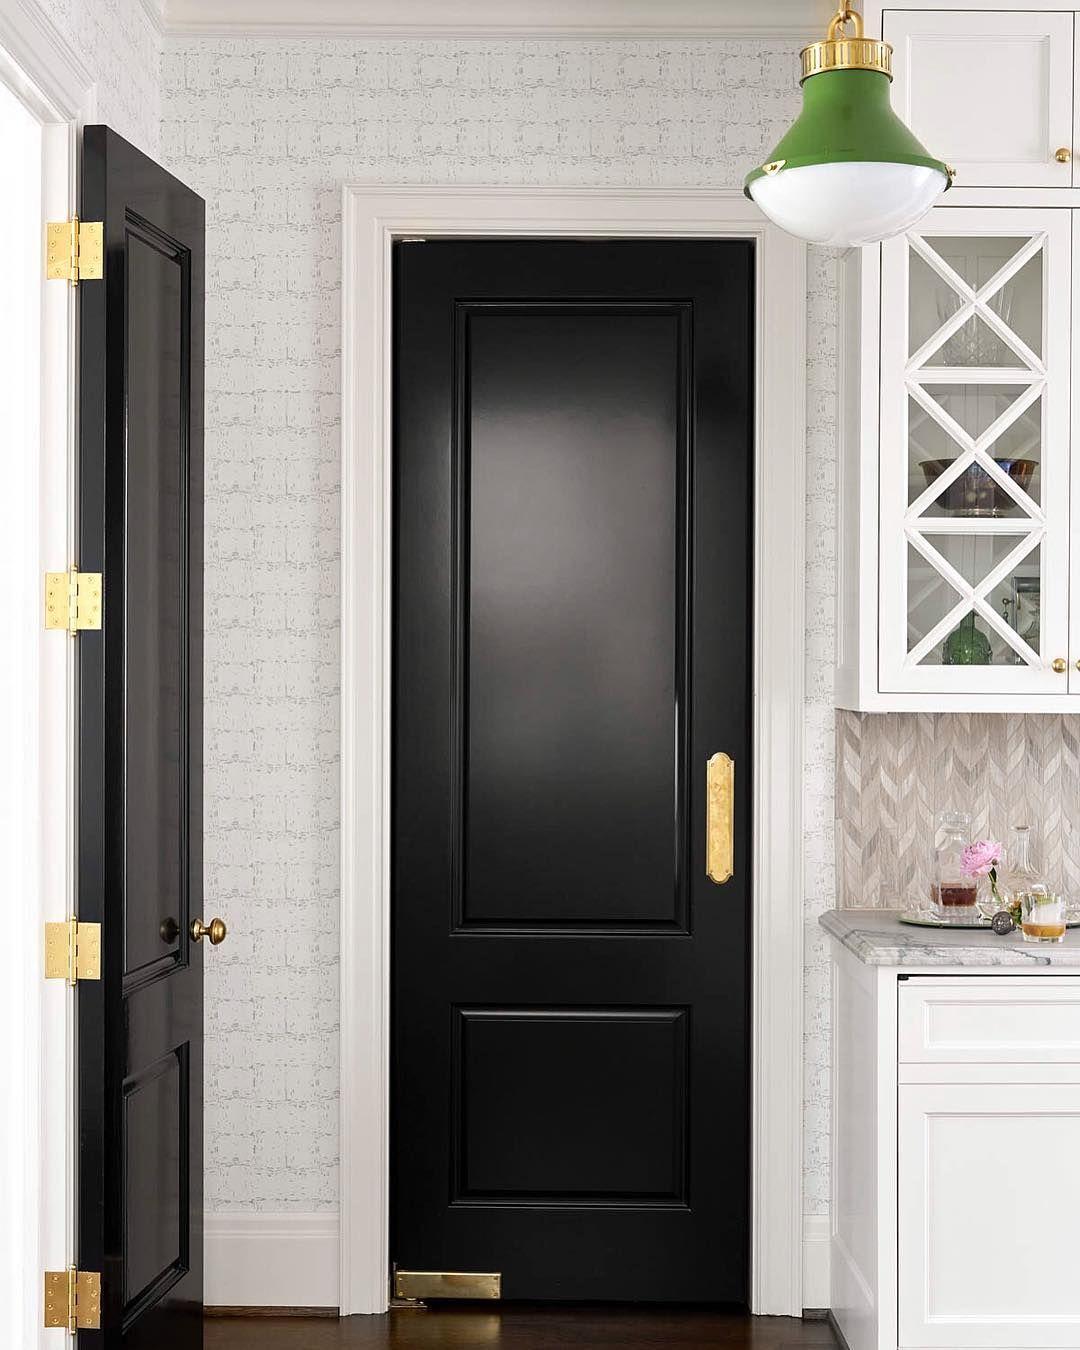 Kitchen Design By Collins Interiors